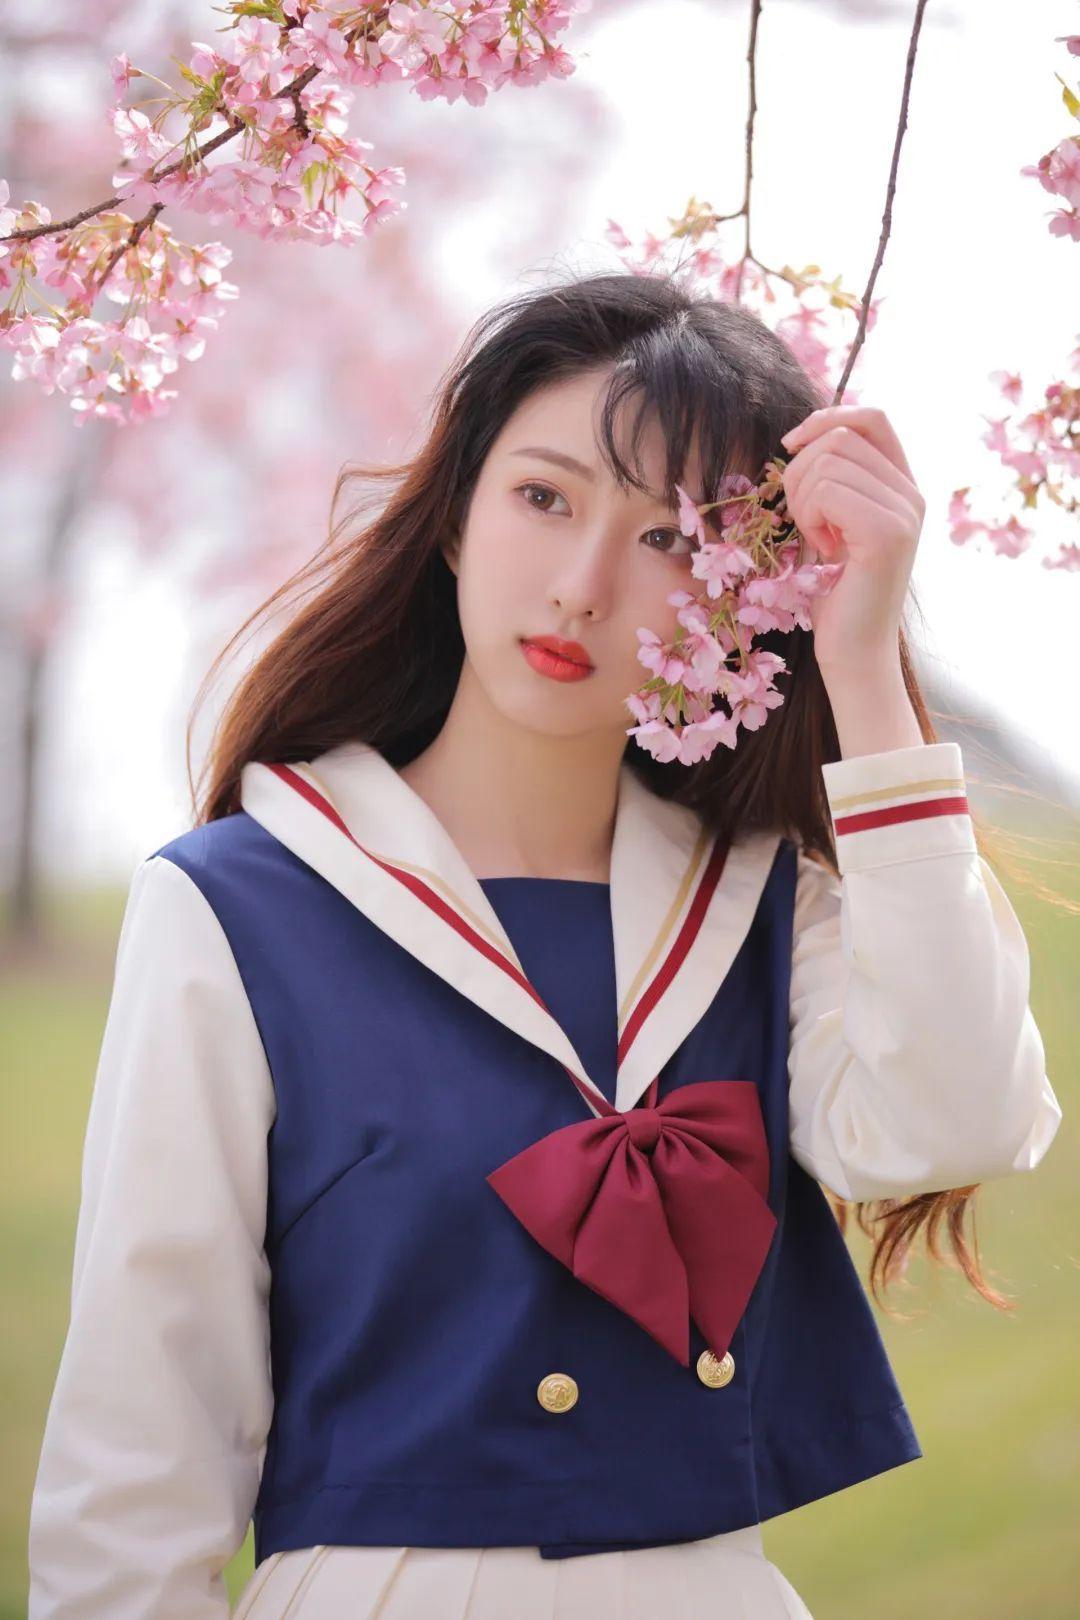 妹子摄影 – 粉粉的日系少女樱花树下写真_图片 No.15